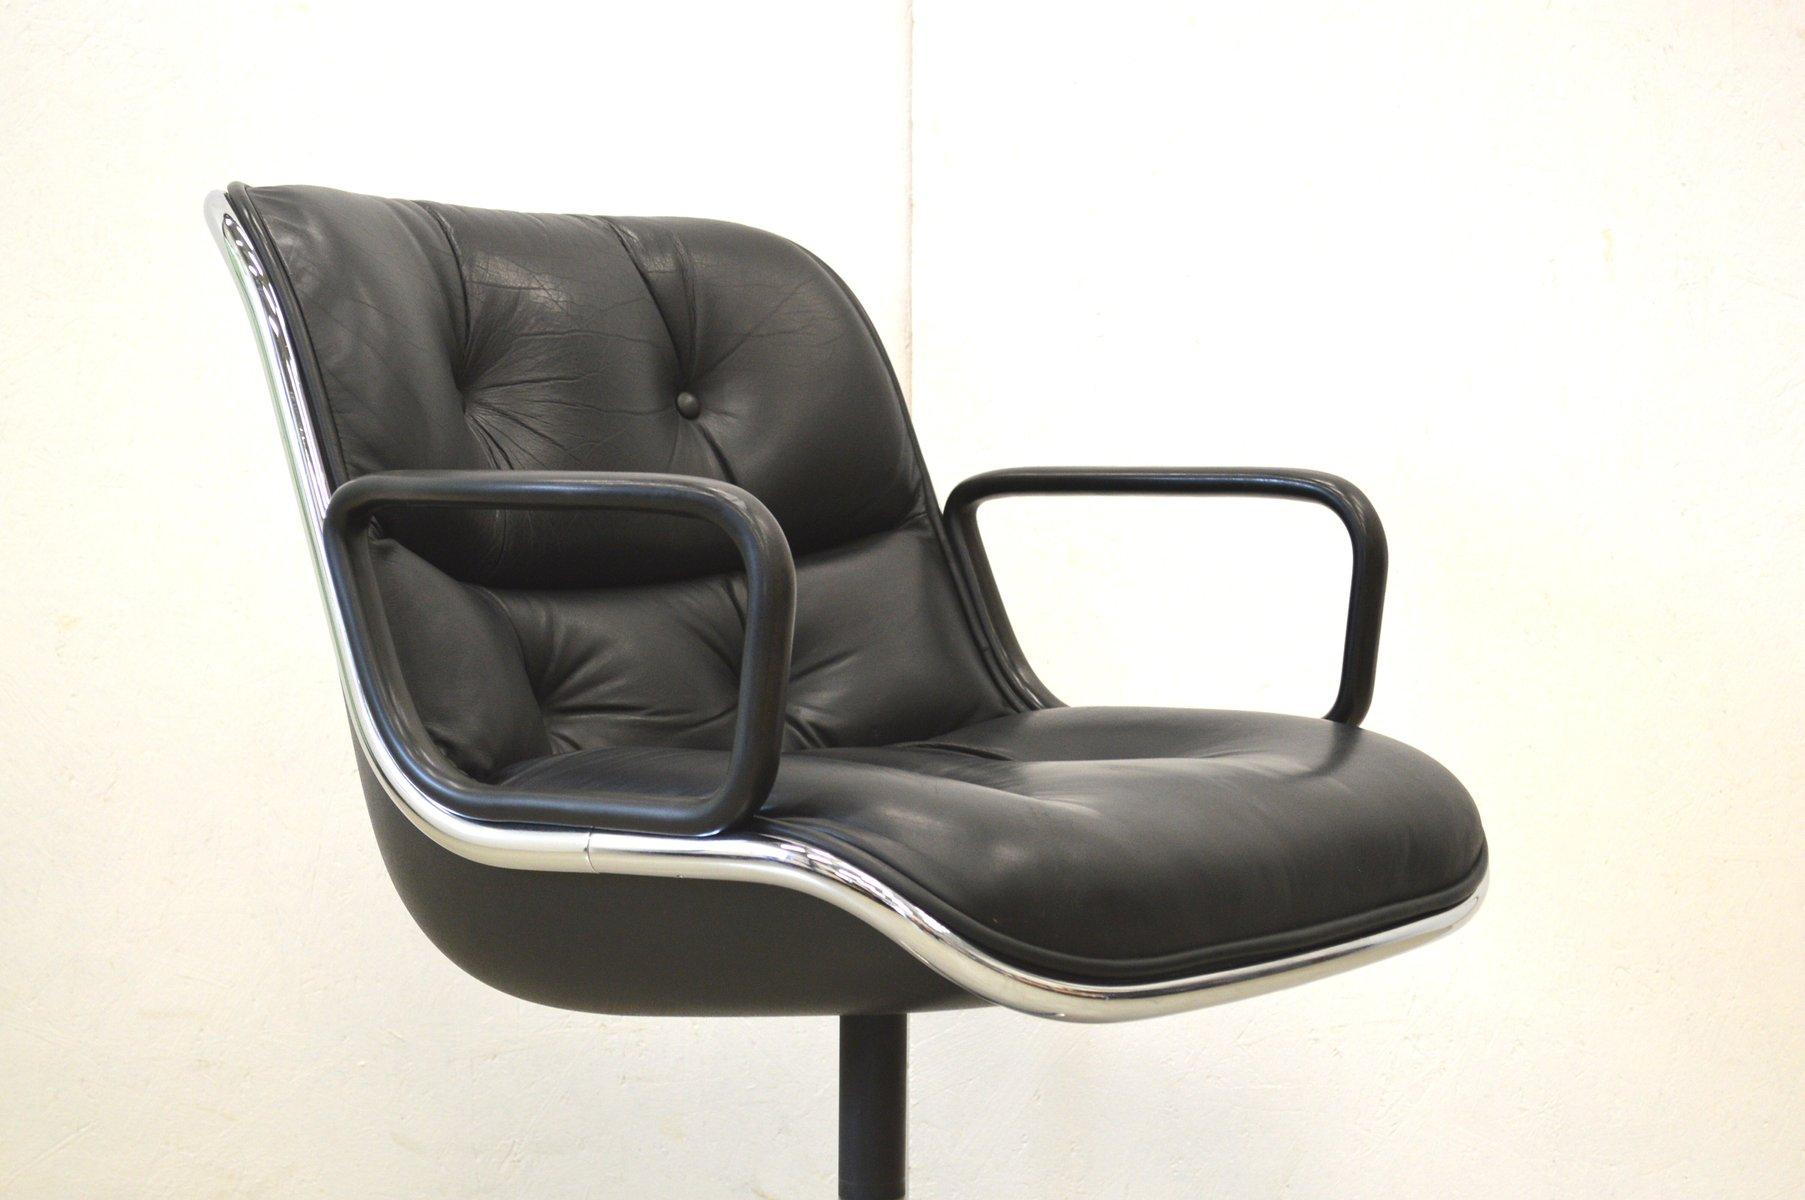 chaises de bureau charles pollock pour knoll 1970s set de 2 en vente sur pamono. Black Bedroom Furniture Sets. Home Design Ideas